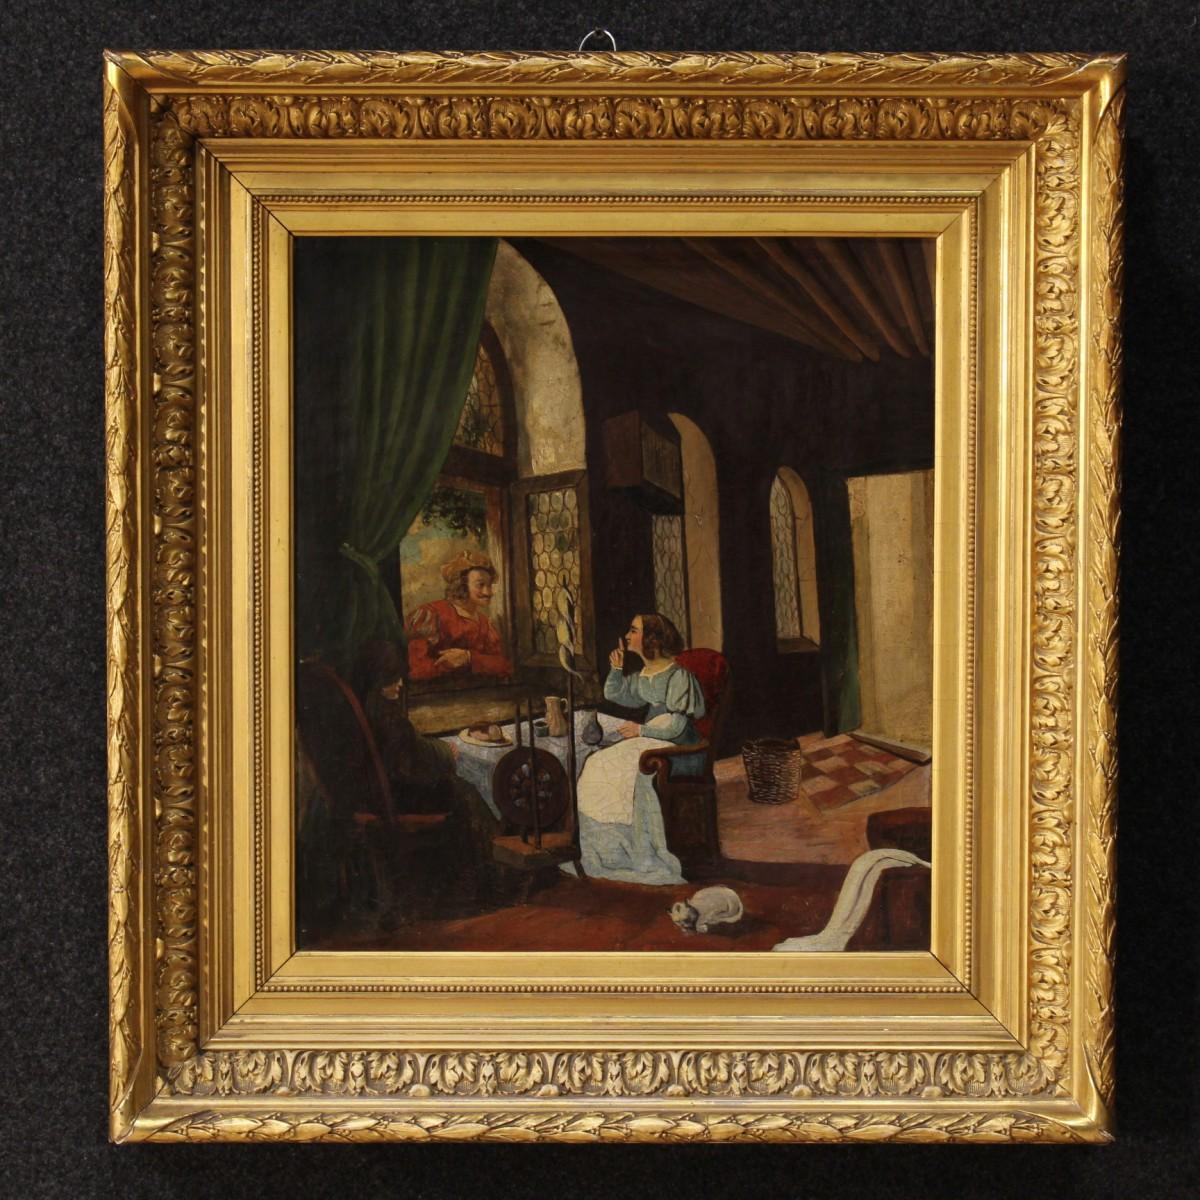 Idee per arredare casa con i quadri antichi e moderni